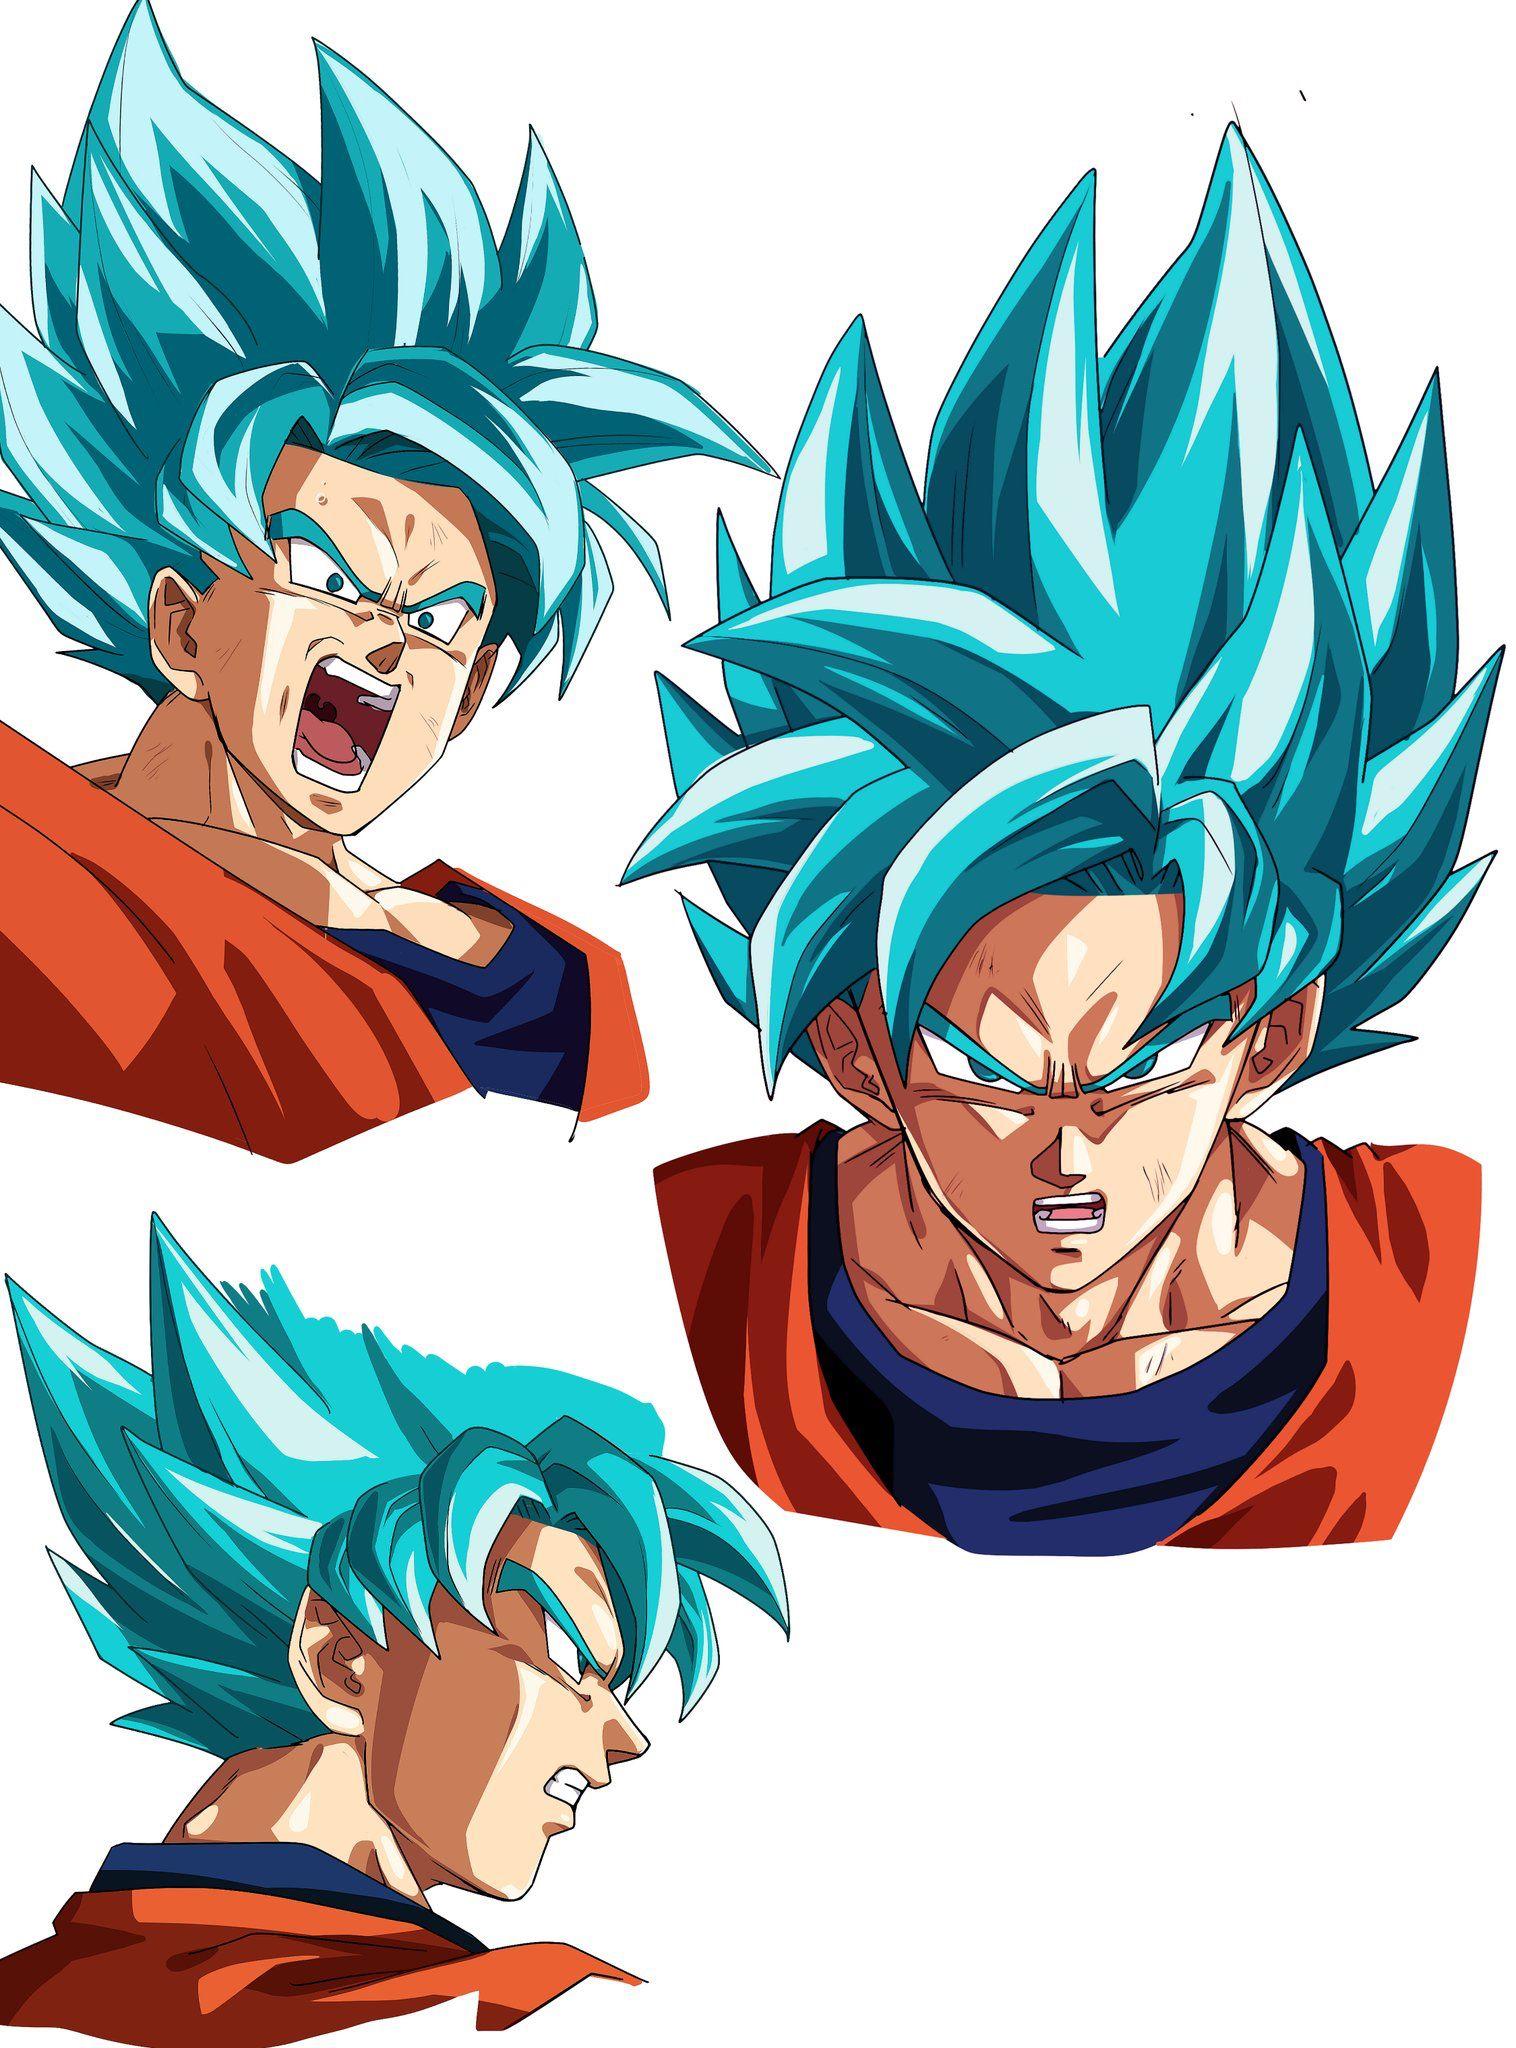 Goku Super Saiyan Blue Reference Dragon Ball Art Dragon Ball Z Dragon Ball